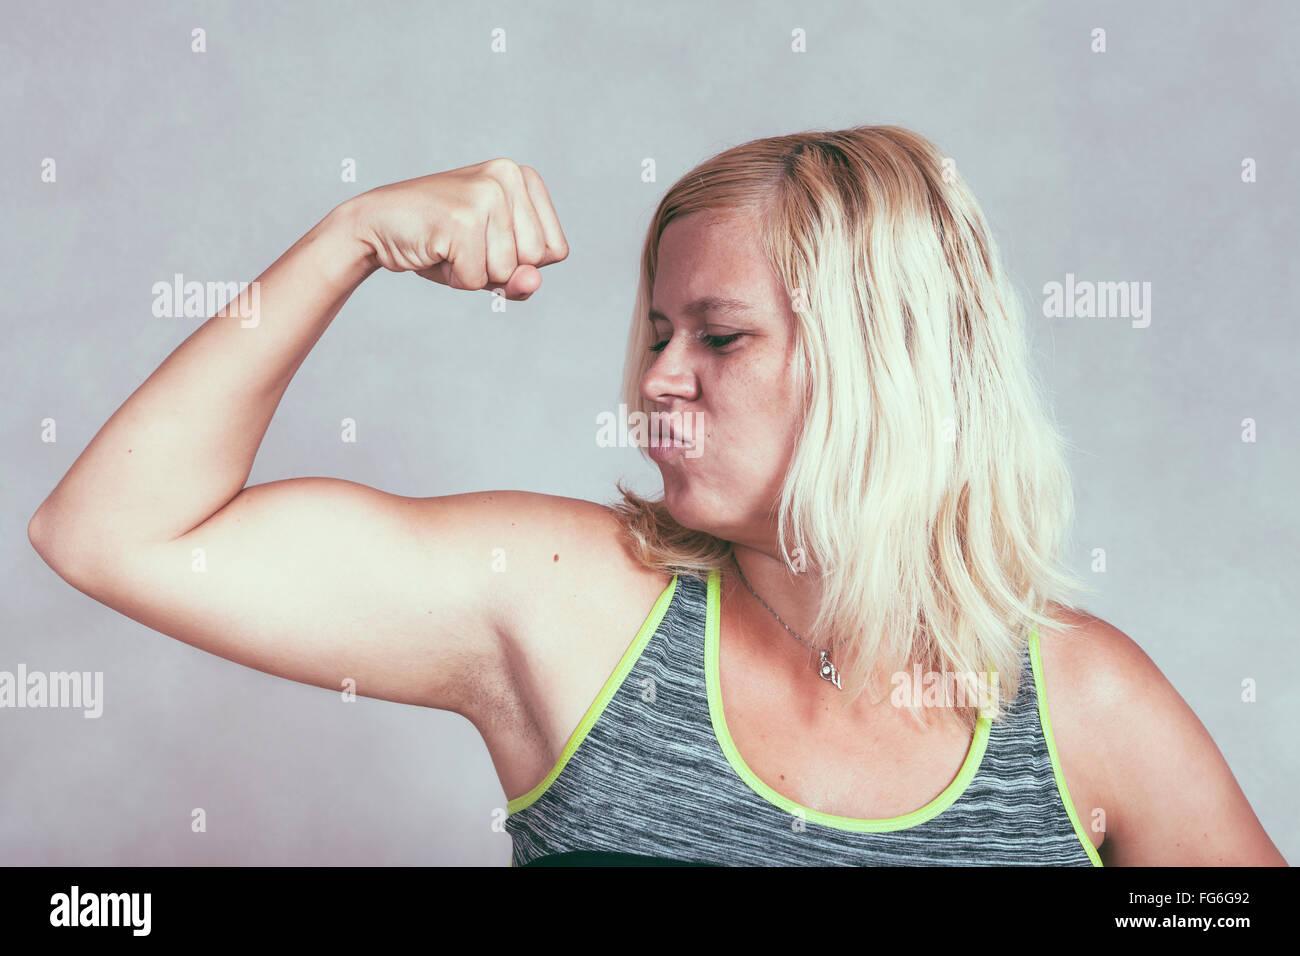 Una forte fiducia donna muscolare flettendo i suoi muscoli. Bionda e giovane femmina sportivo che mostra il braccio Immagini Stock